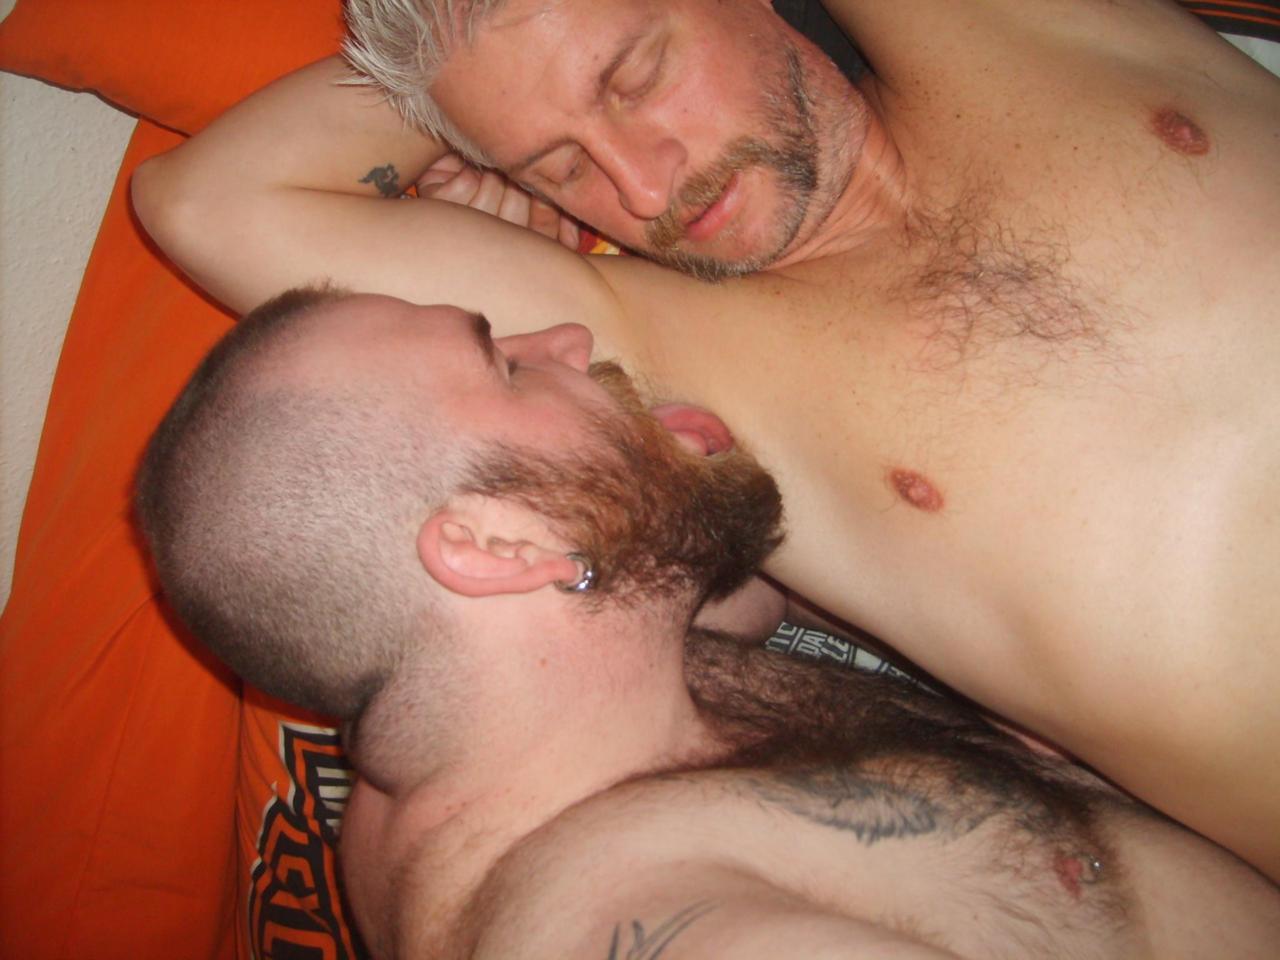 Homemade video of dorm sex